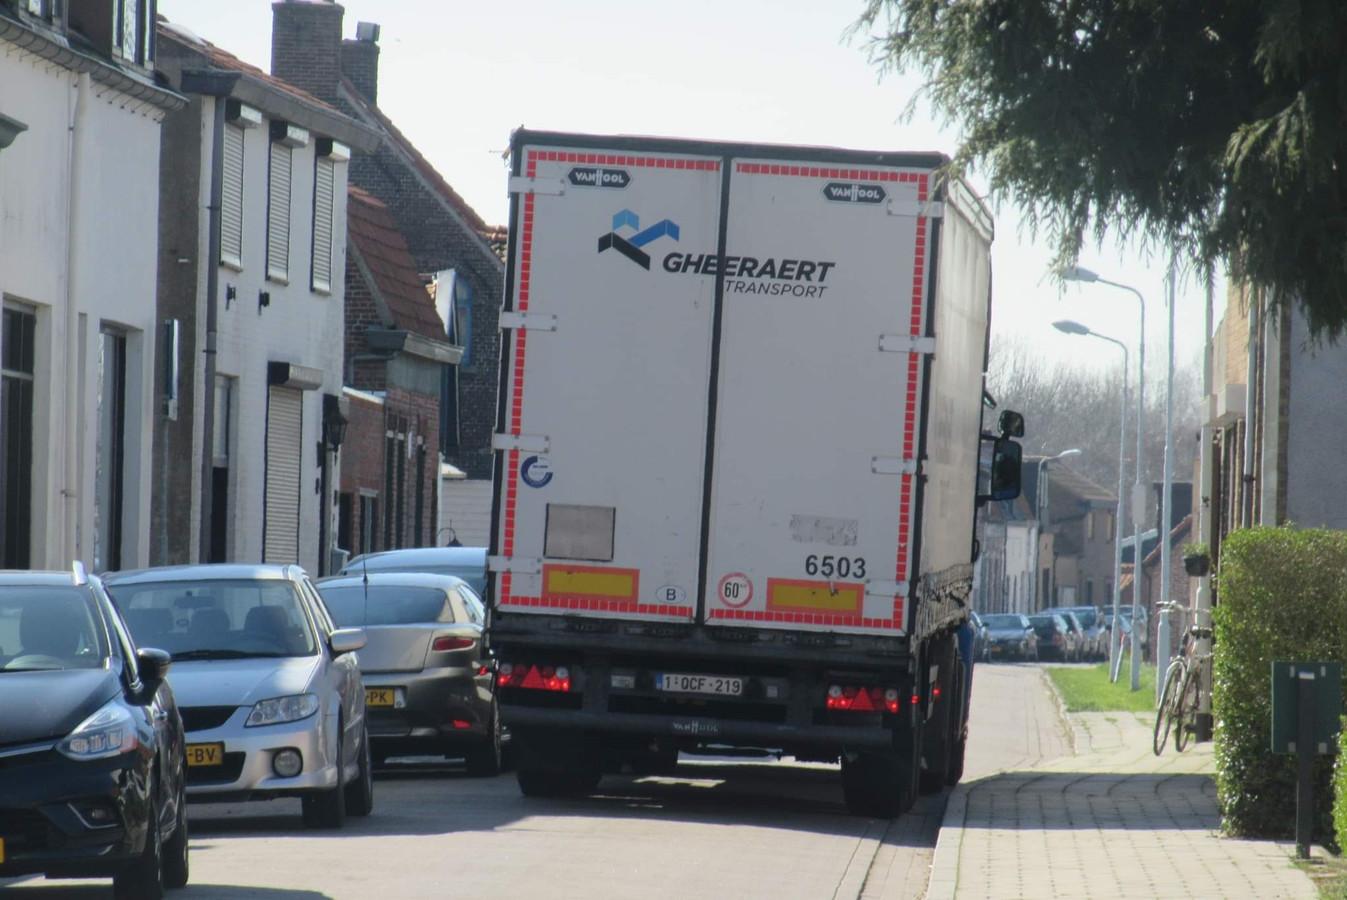 Verdwaalde vrachtwagen op de Graaf Jansdijk in Westdorpe, geen plek meer voor fietsers.